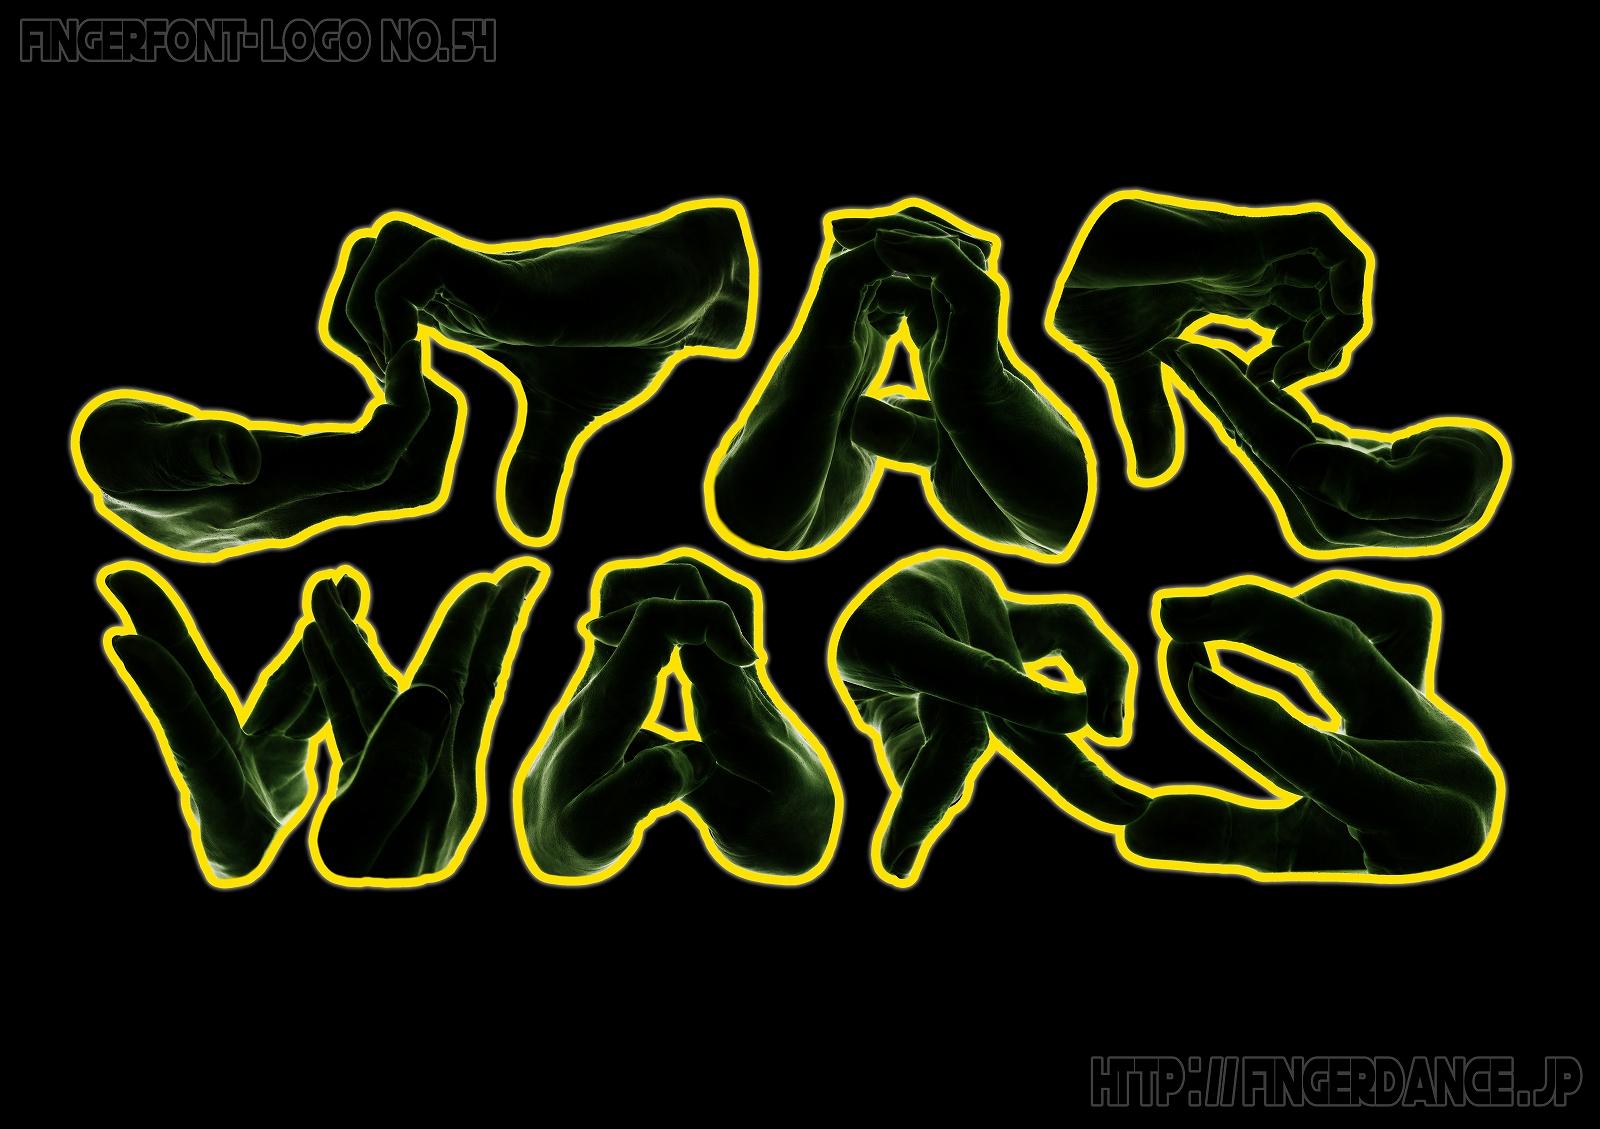 StarWars-fingerhttp://fingerdance.jp/L/logohand スターウォーズフィンガーロゴハンド手指